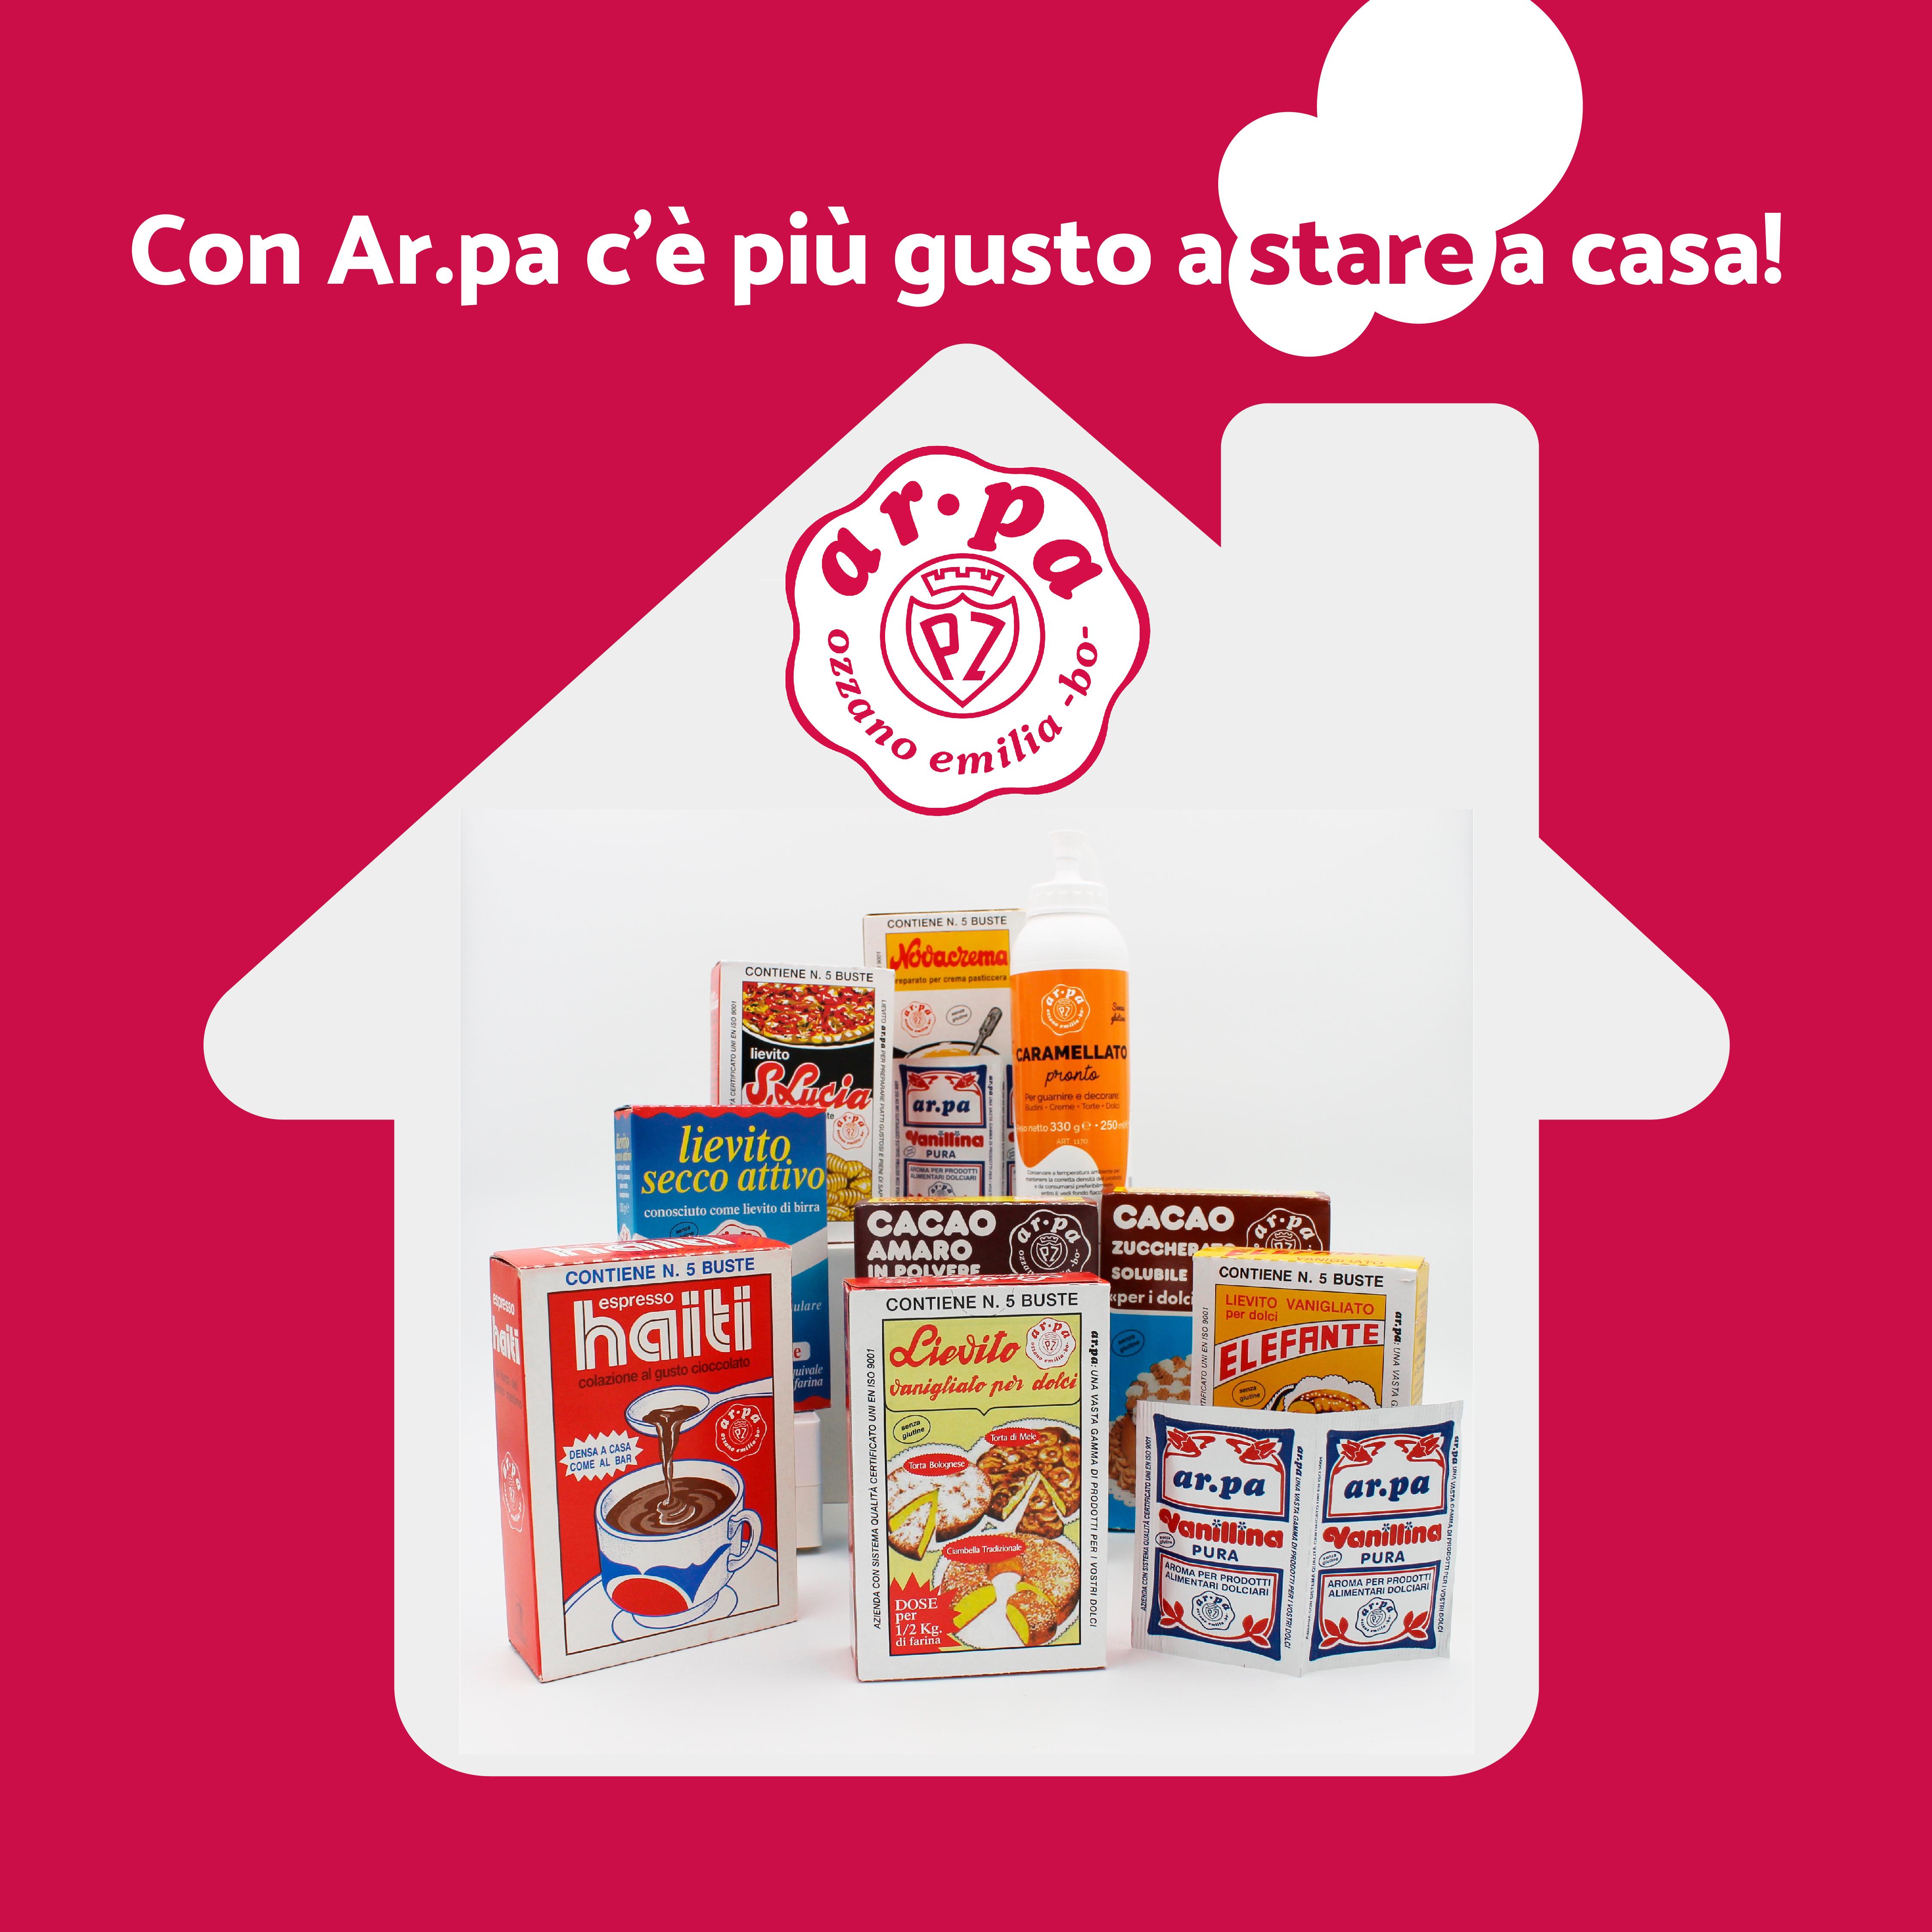 box prodotti ar.pa